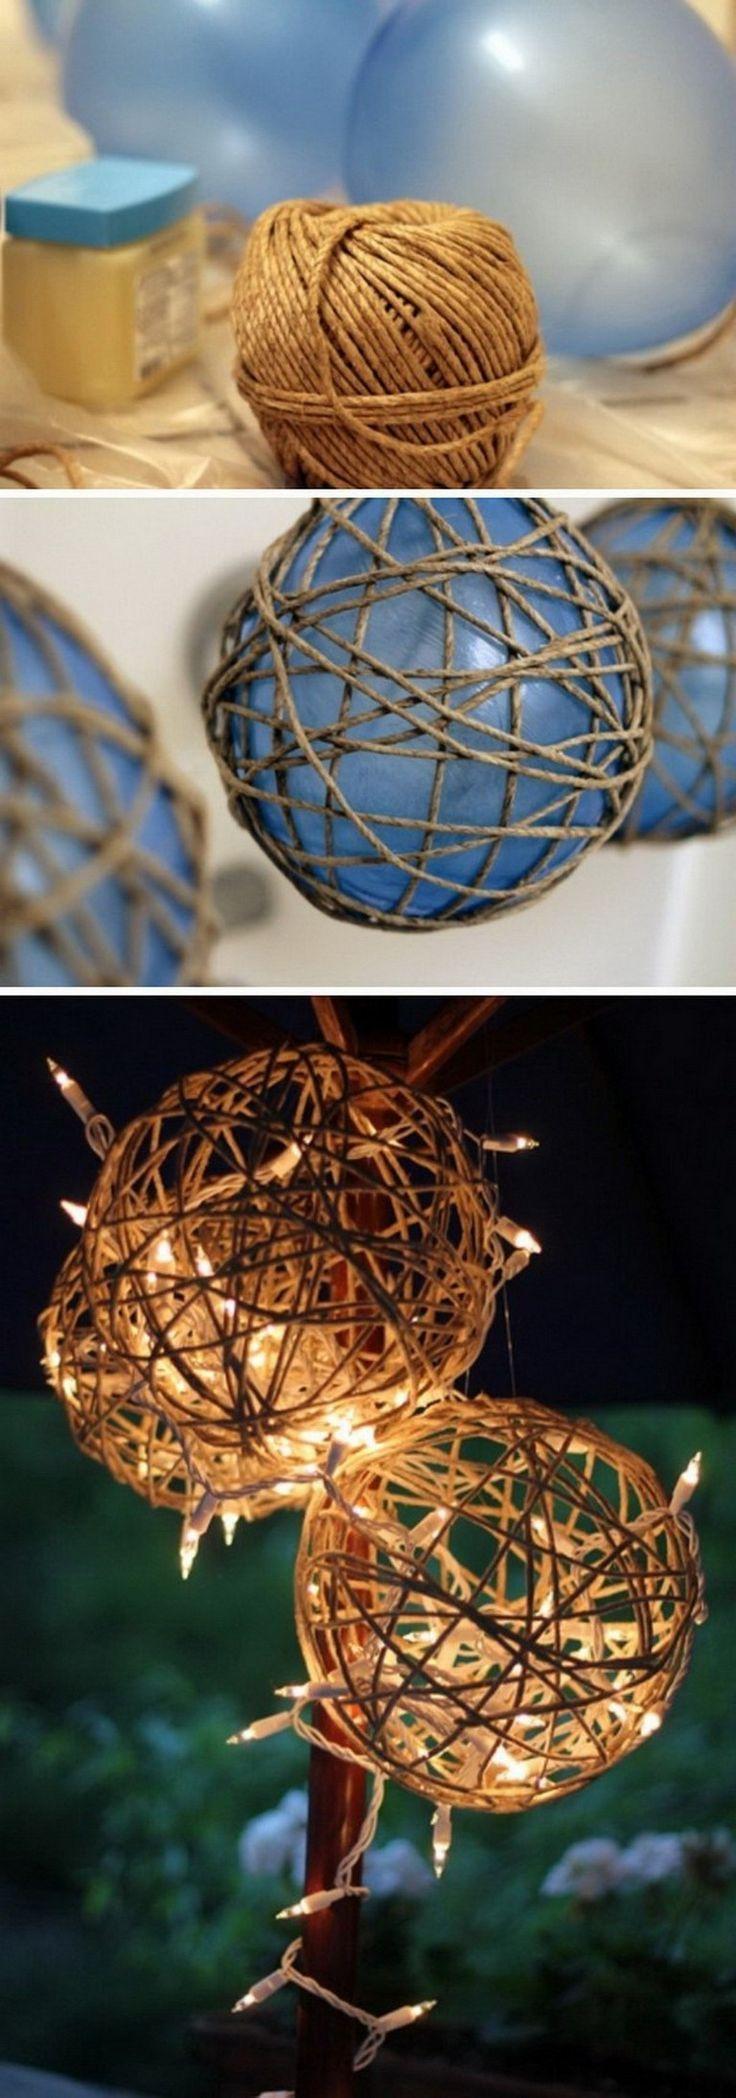 10+ Wunderschöne DIY Hochzeitsdekoration auf ein Budget Ideen # Hochzeit - Harvey Clark #weddingonabudget